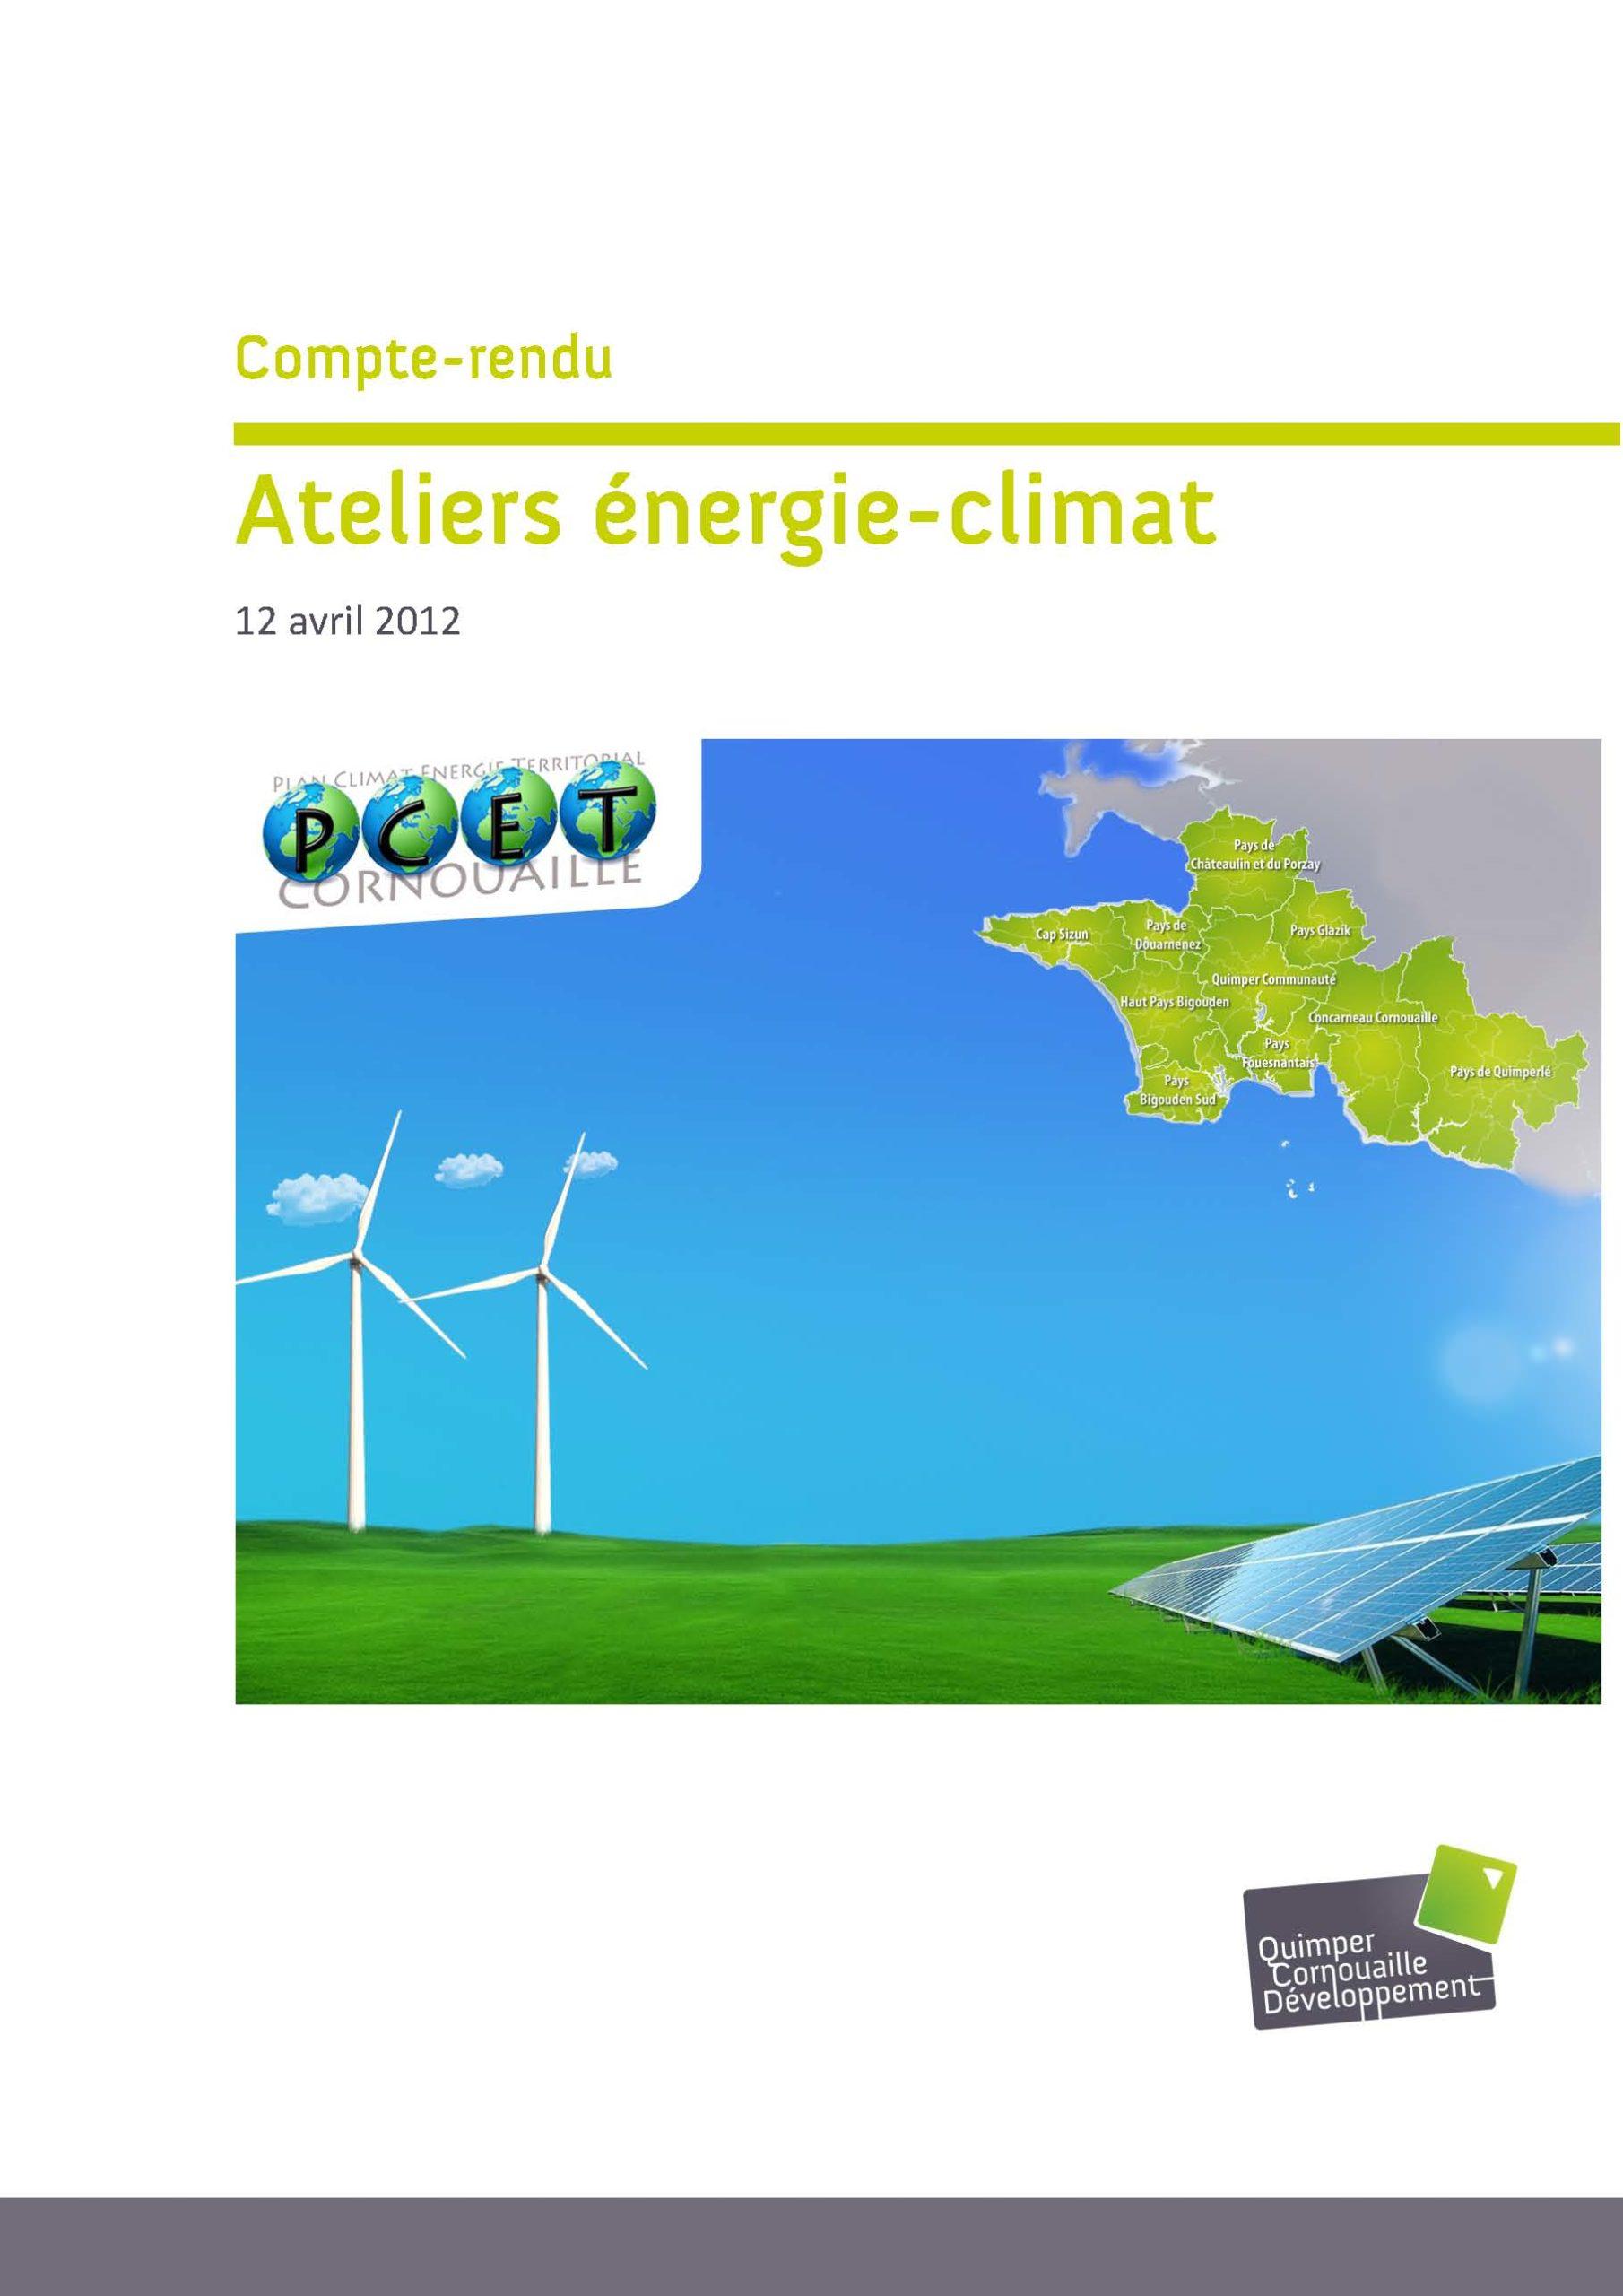 Couverture du compte rendu Ateliers énergie climat de Cornouaille - 12 avril 2012